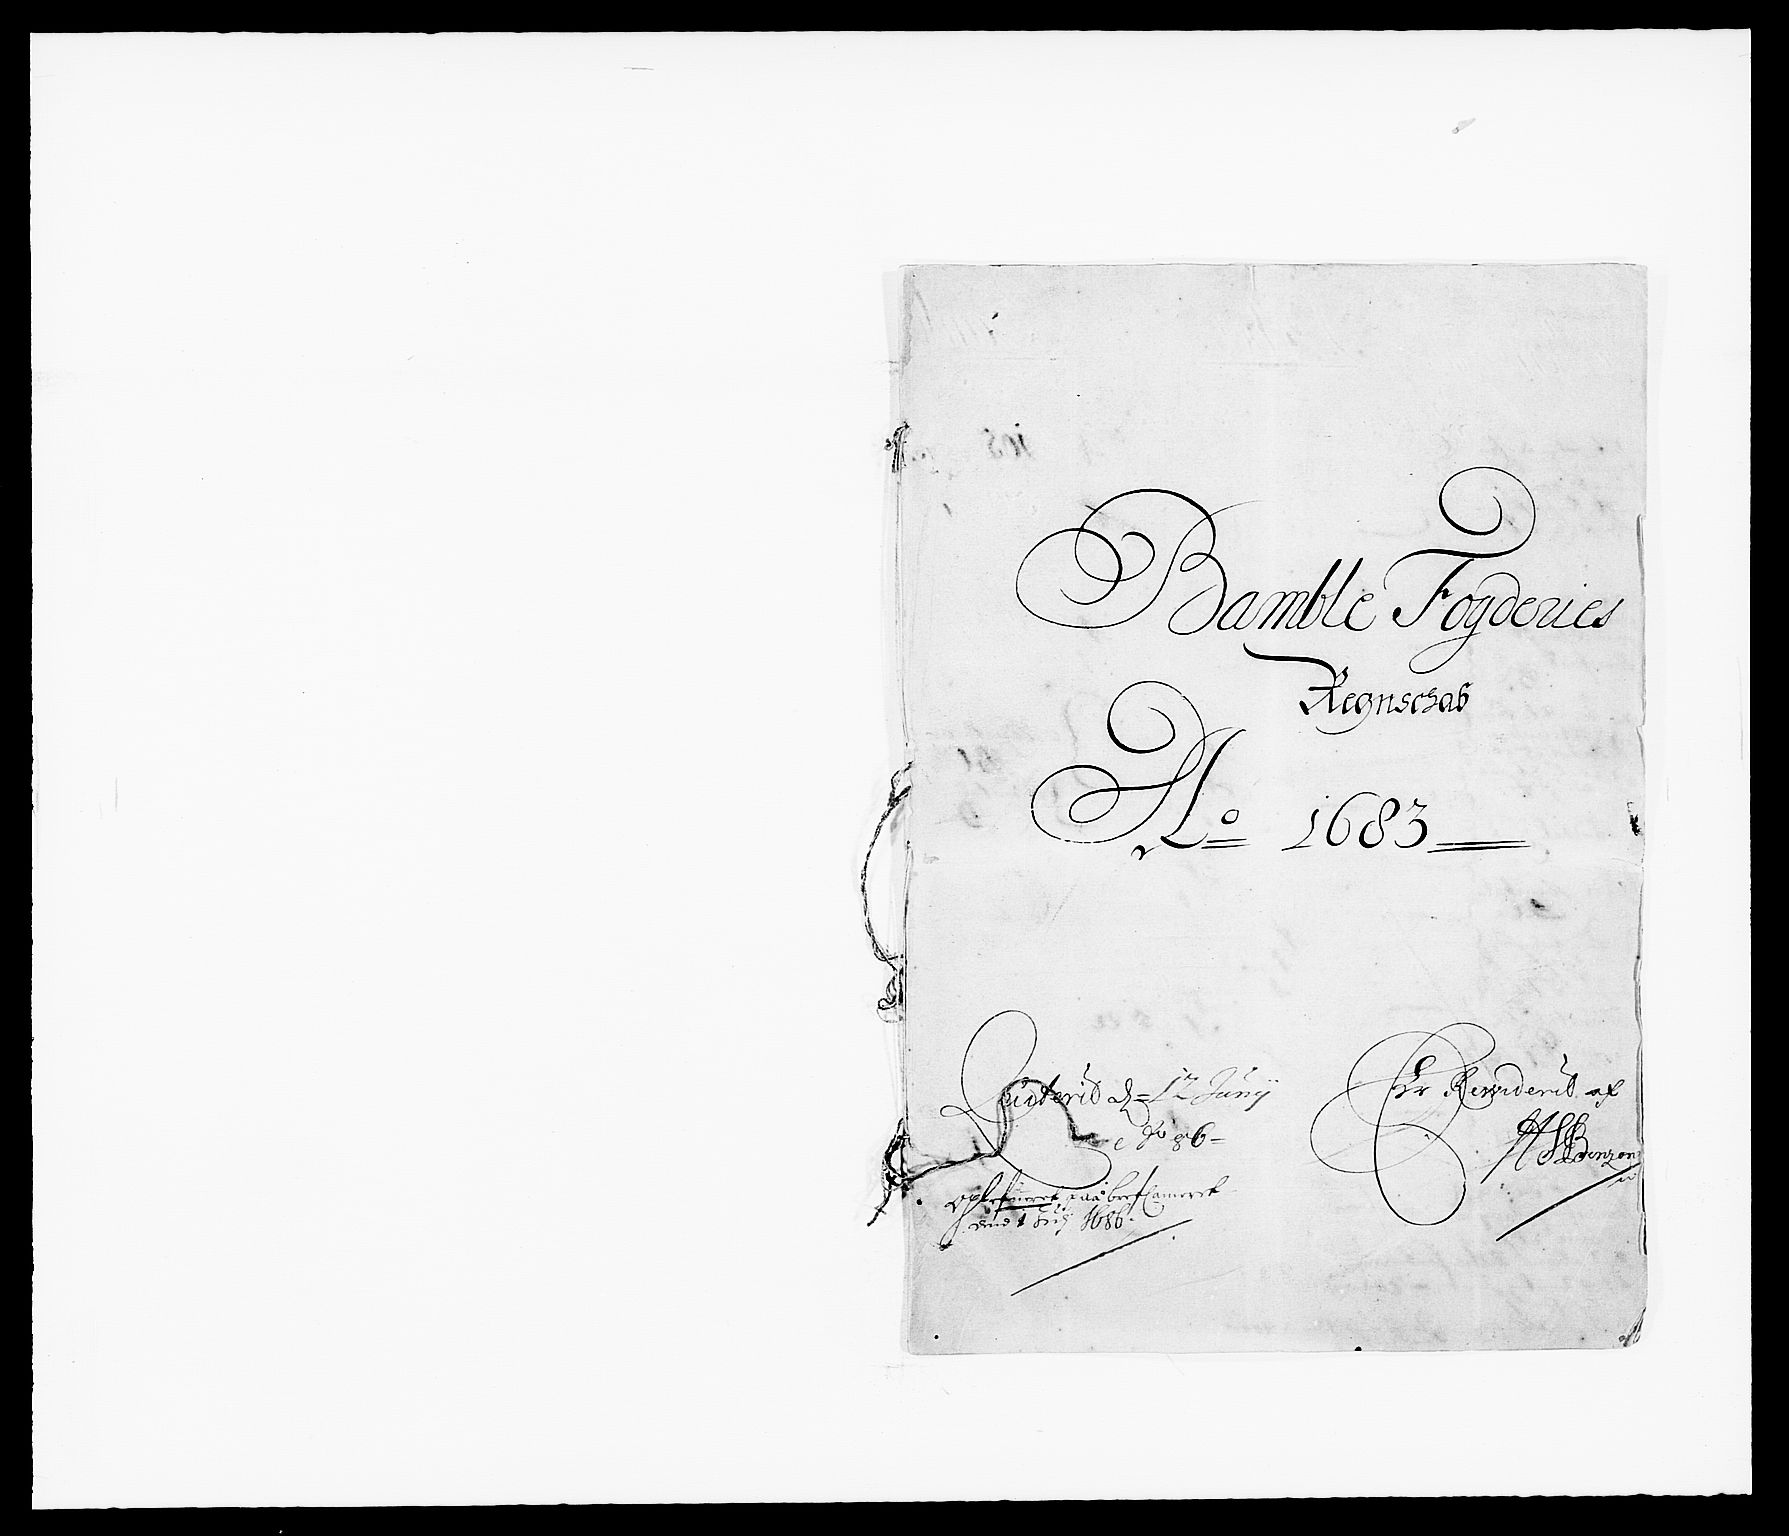 RA, Rentekammeret inntil 1814, Reviderte regnskaper, Fogderegnskap, R34/L2046: Fogderegnskap Bamble, 1682-1683, s. 233